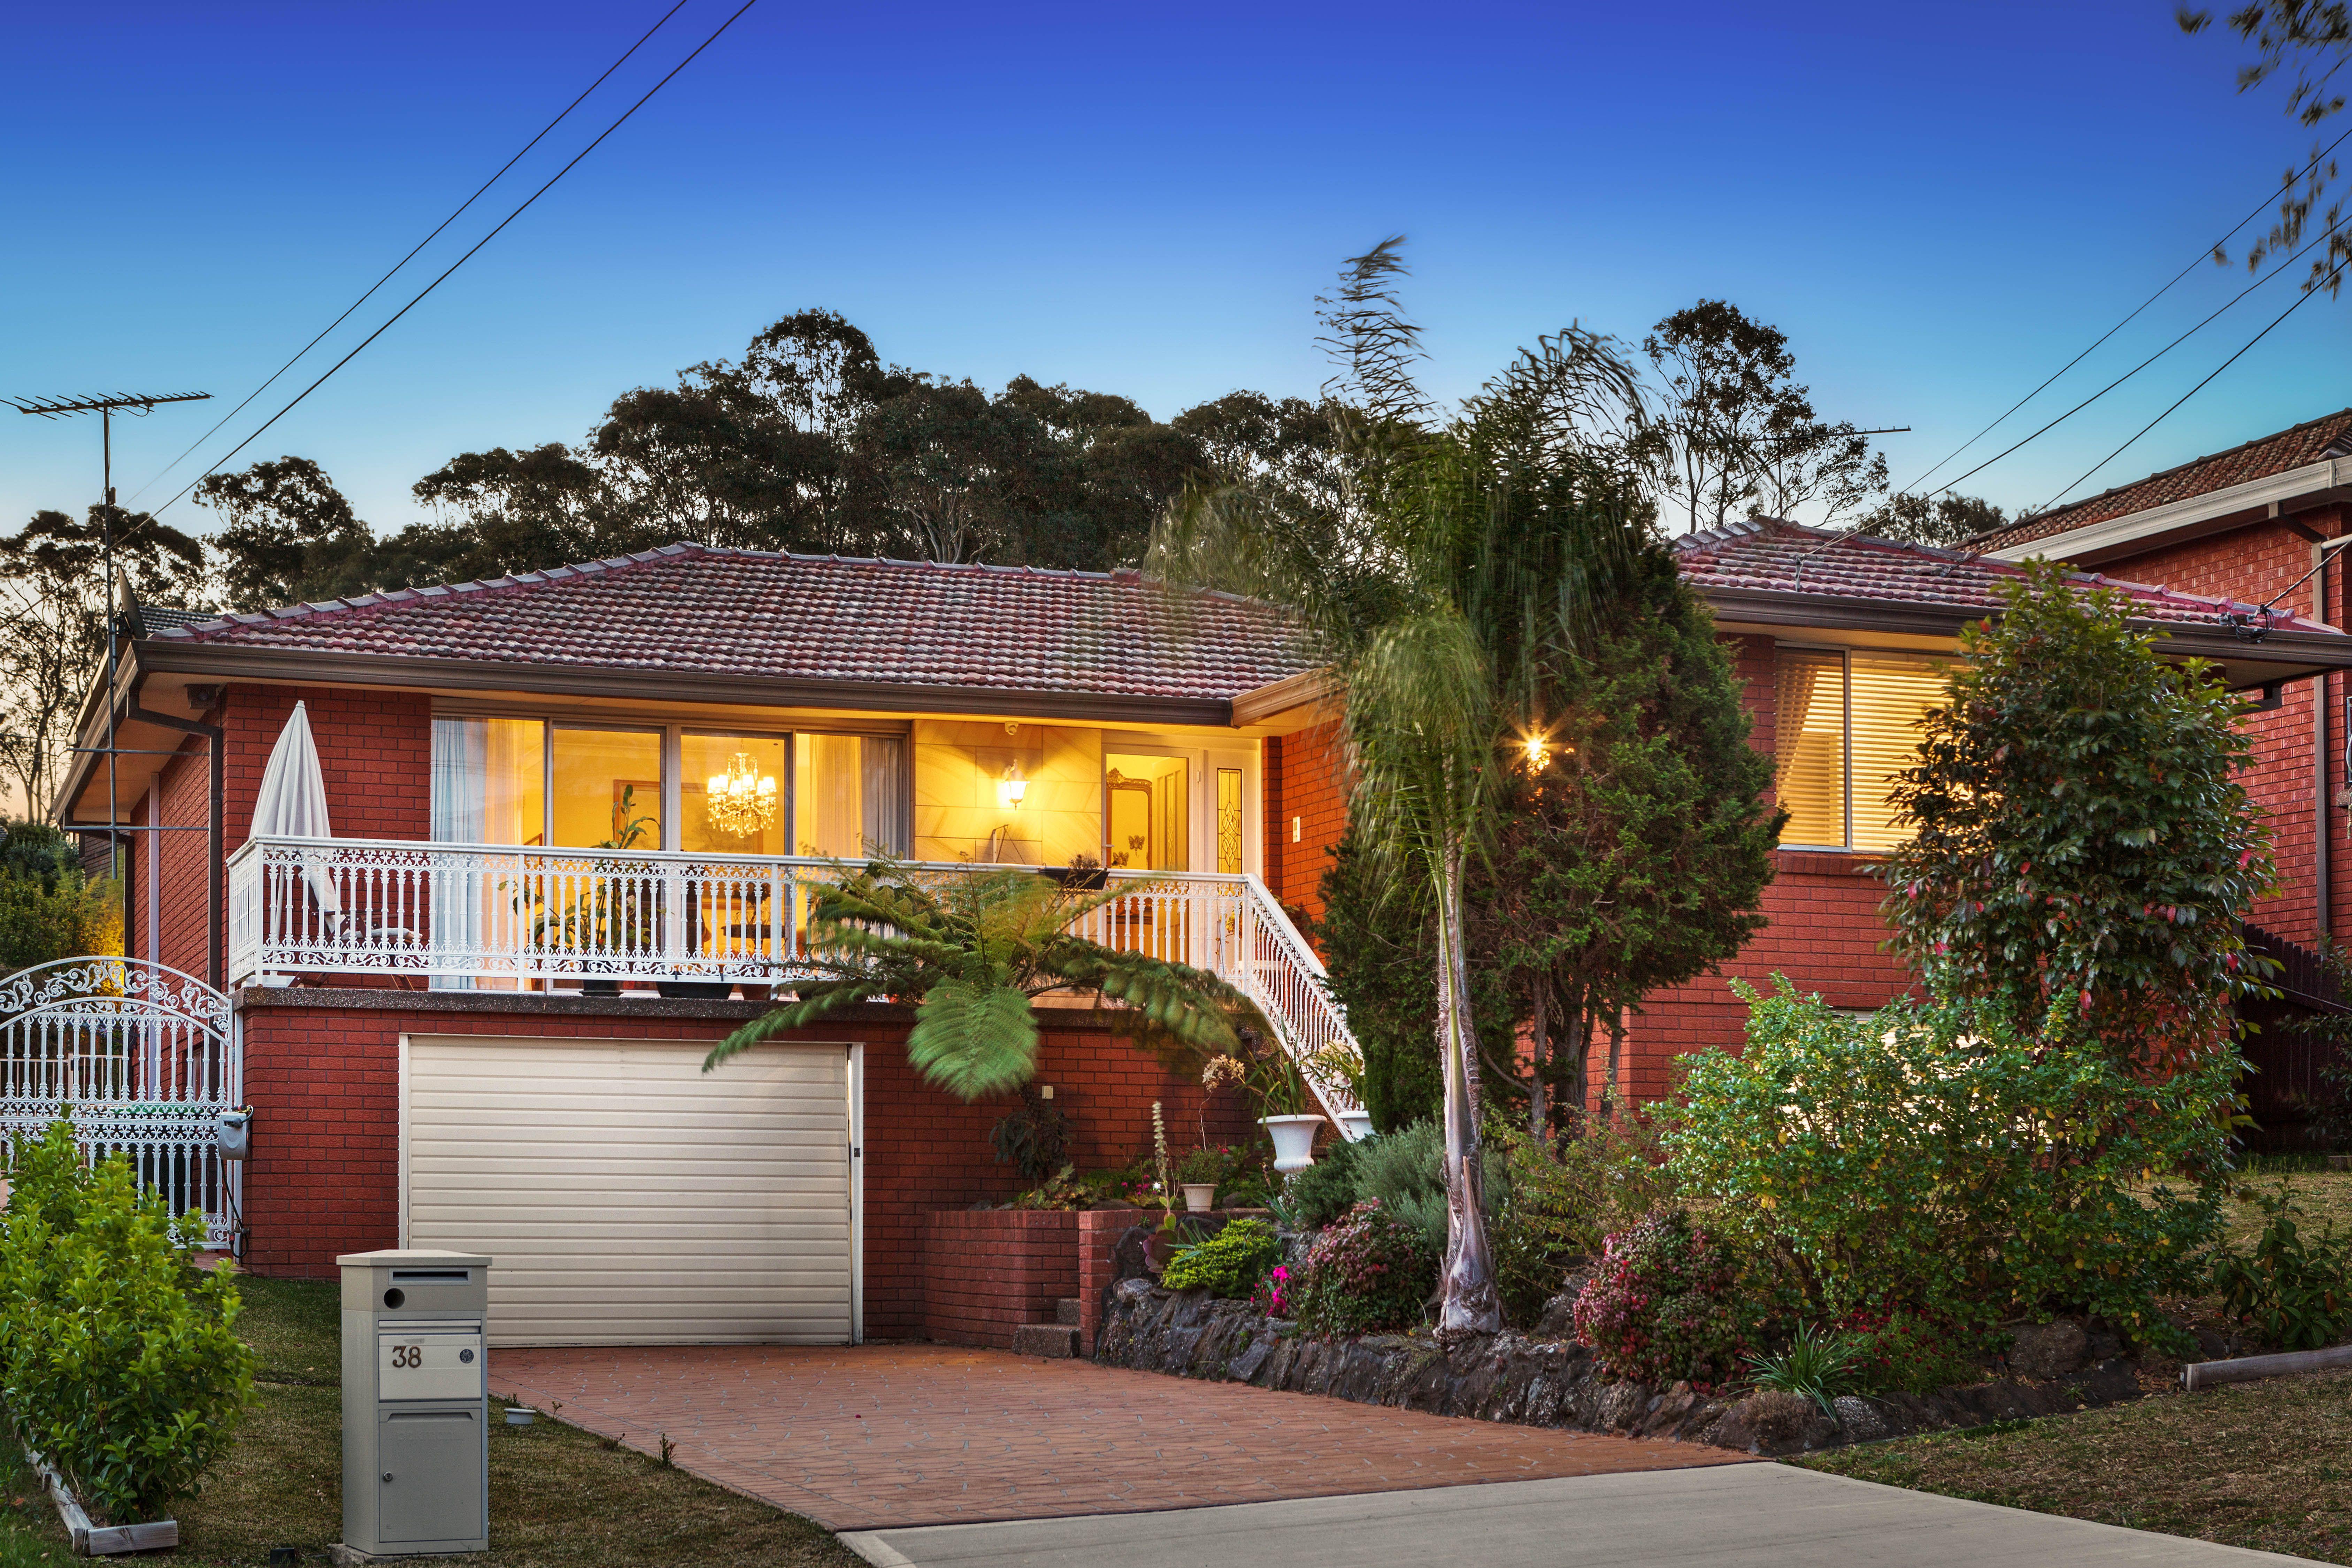 38 Warung Street, Yagoona NSW 2199